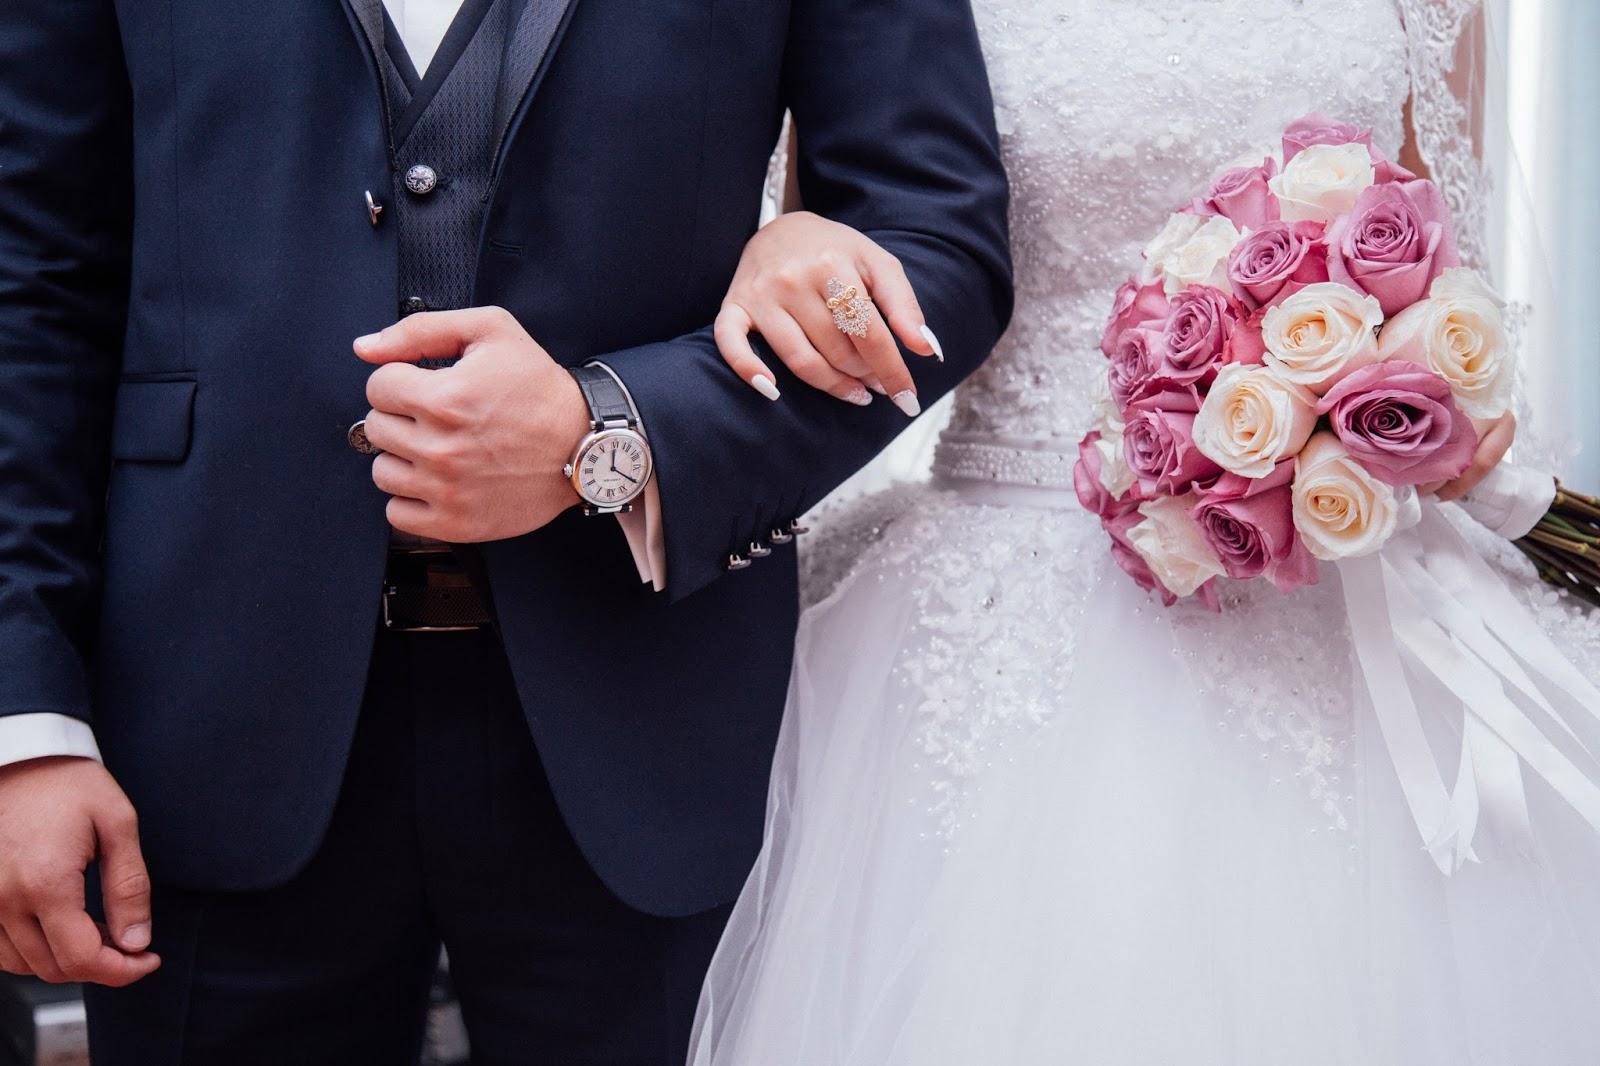 Ślub i wesele - co bym poprawiła, zmieniła, a z czego zrezygnowała? Odczucia i wnioski dla przyszłych Panien Młodych